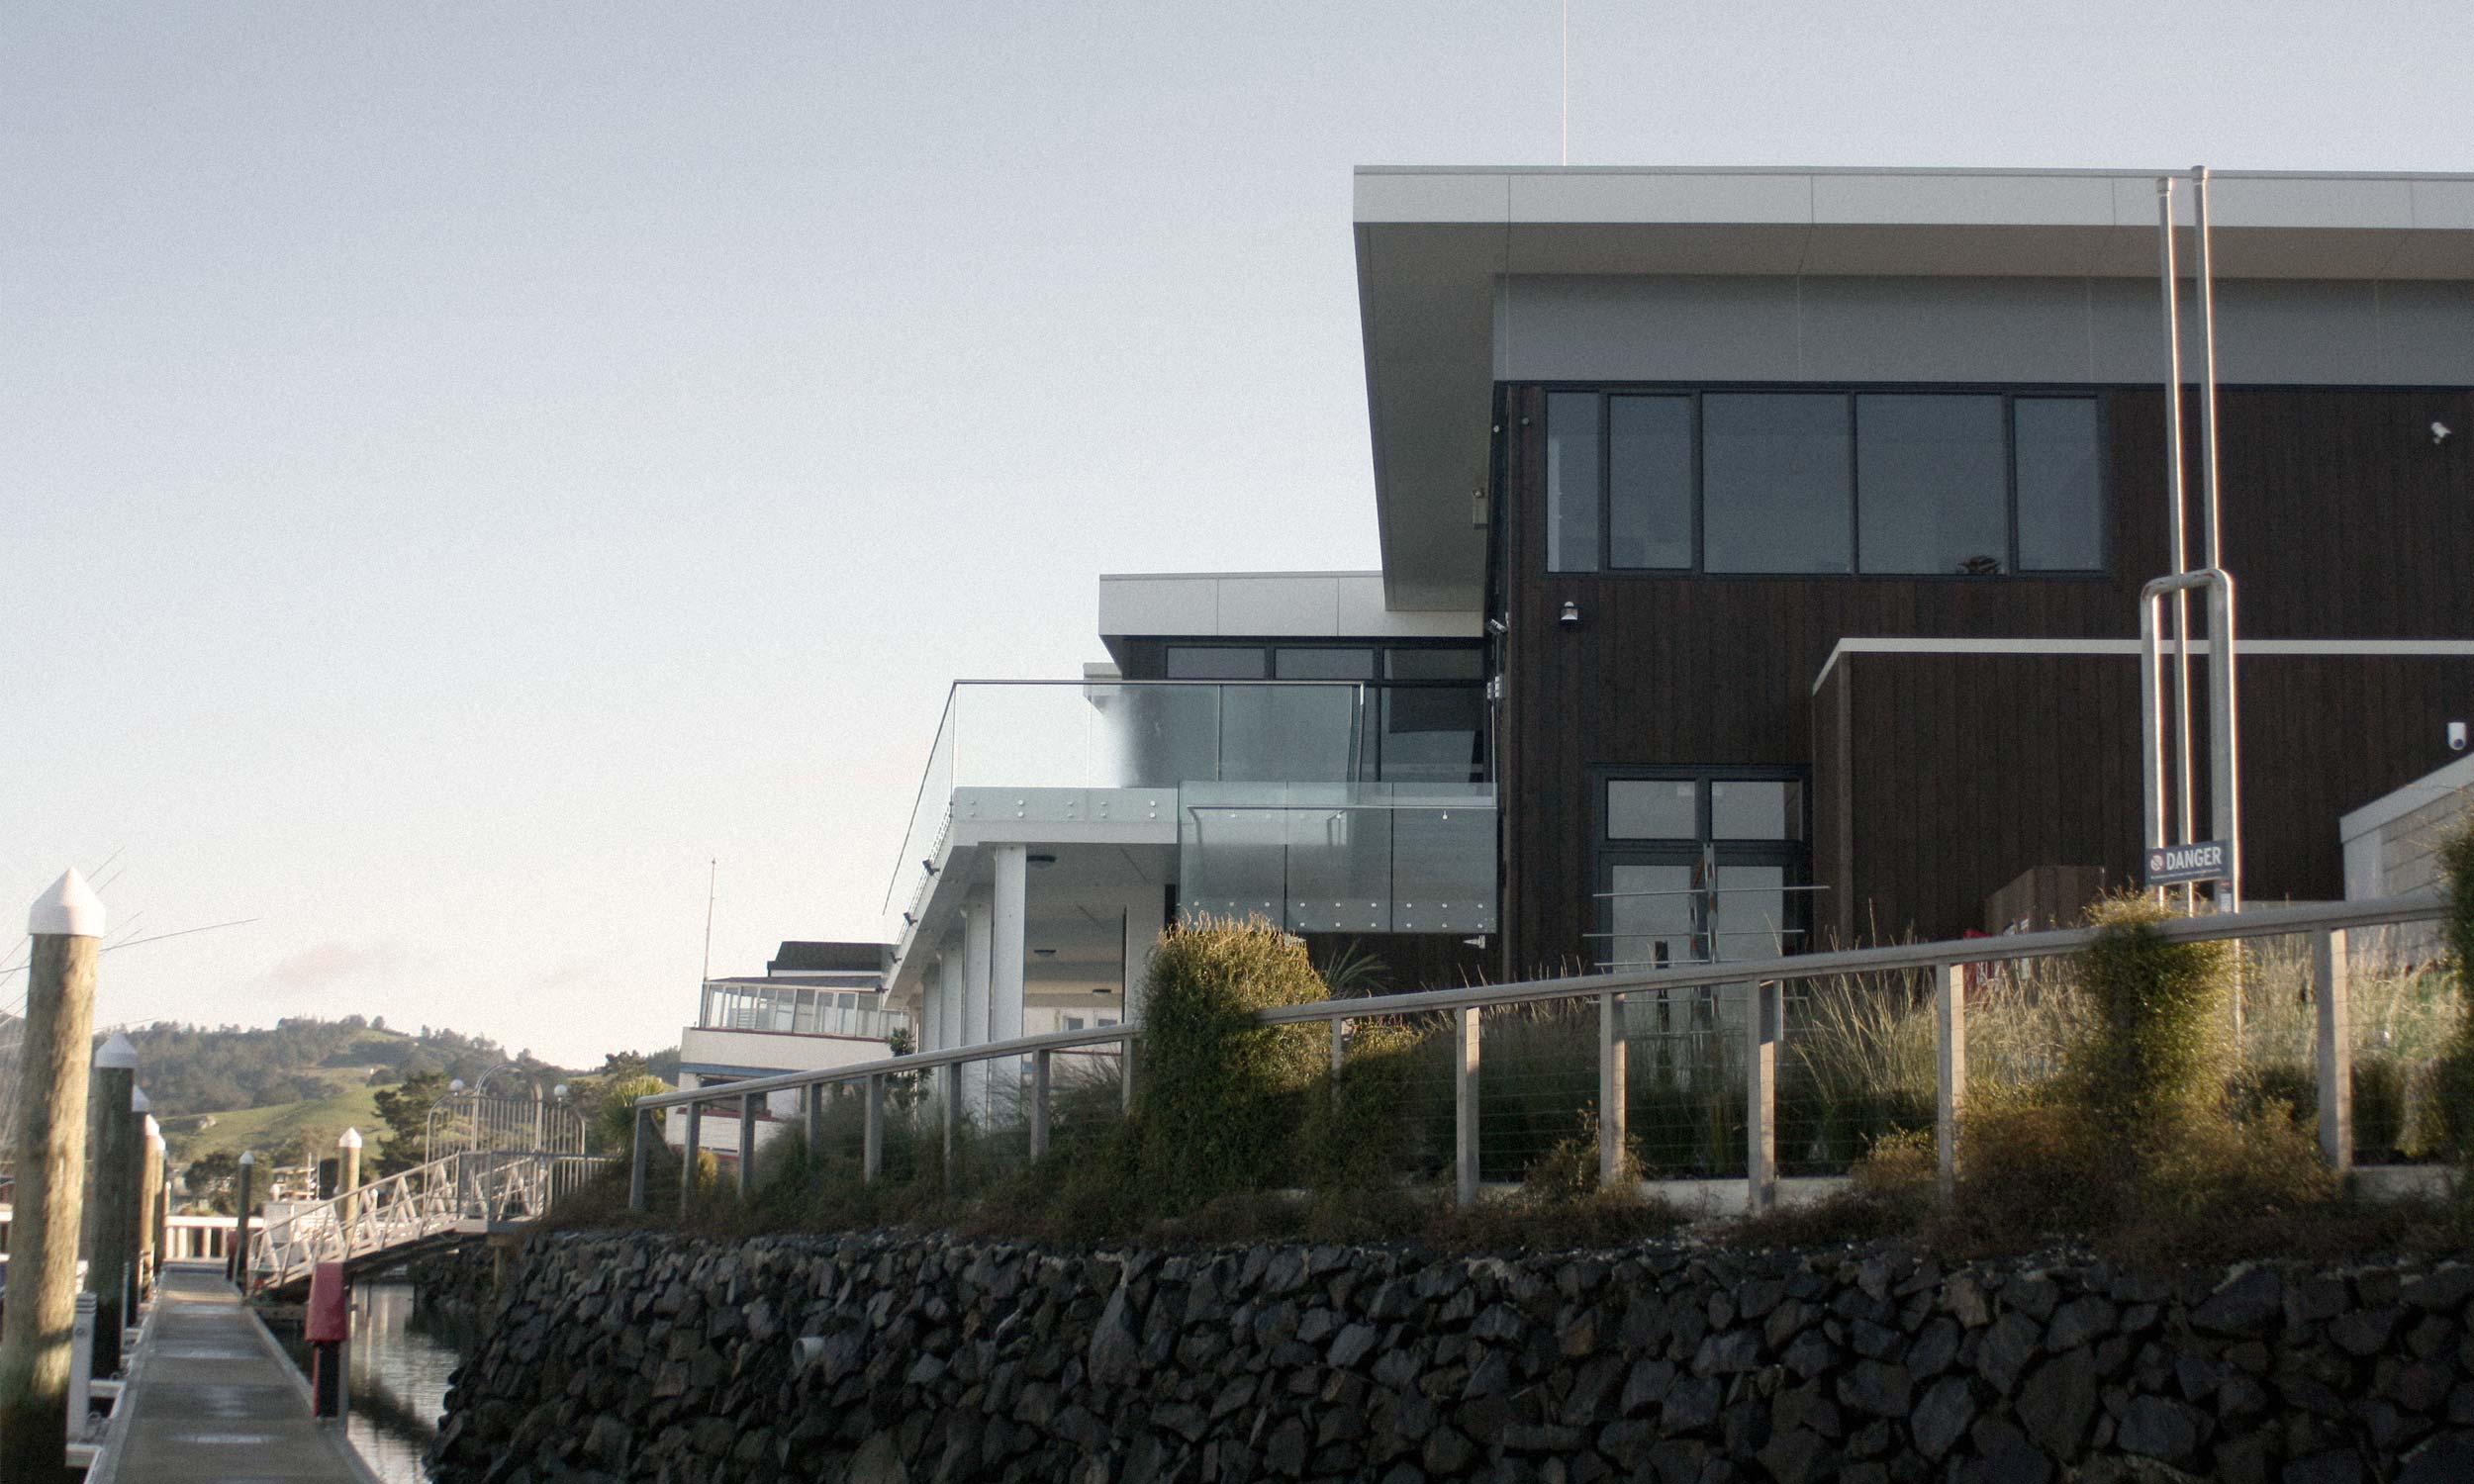 MBG-BUILDING-2500x1500px.jpg